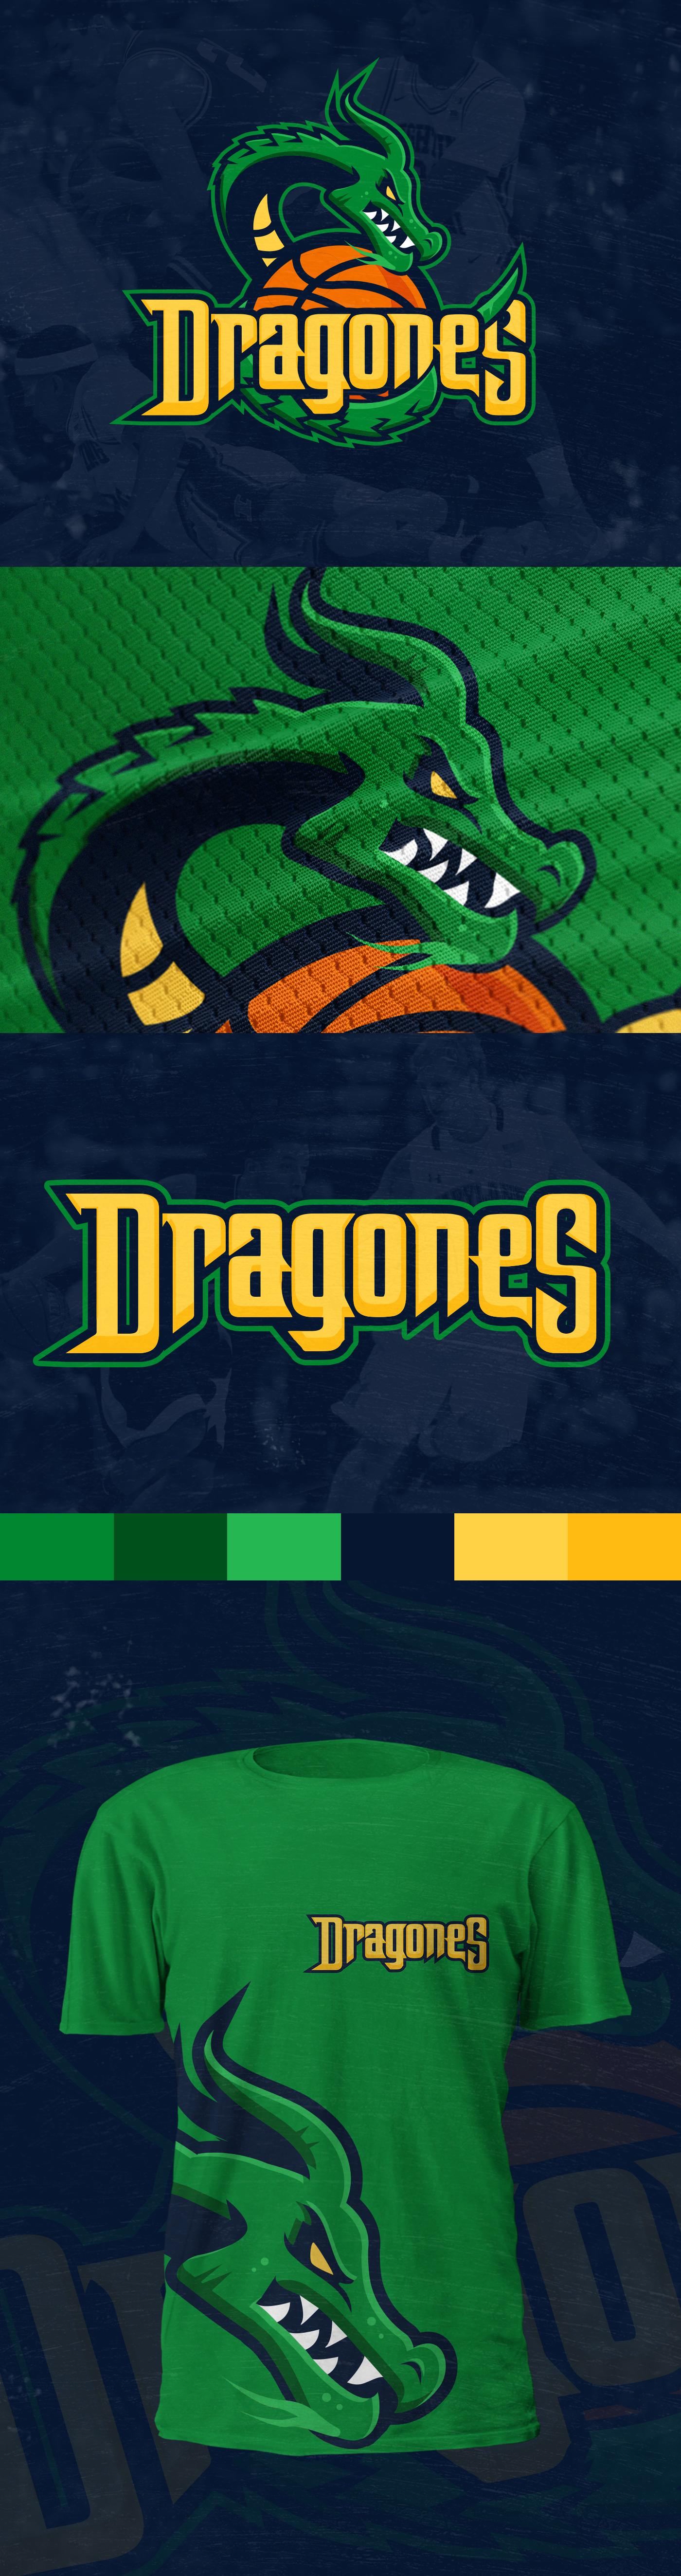 精緻的25個籃球logo欣賞